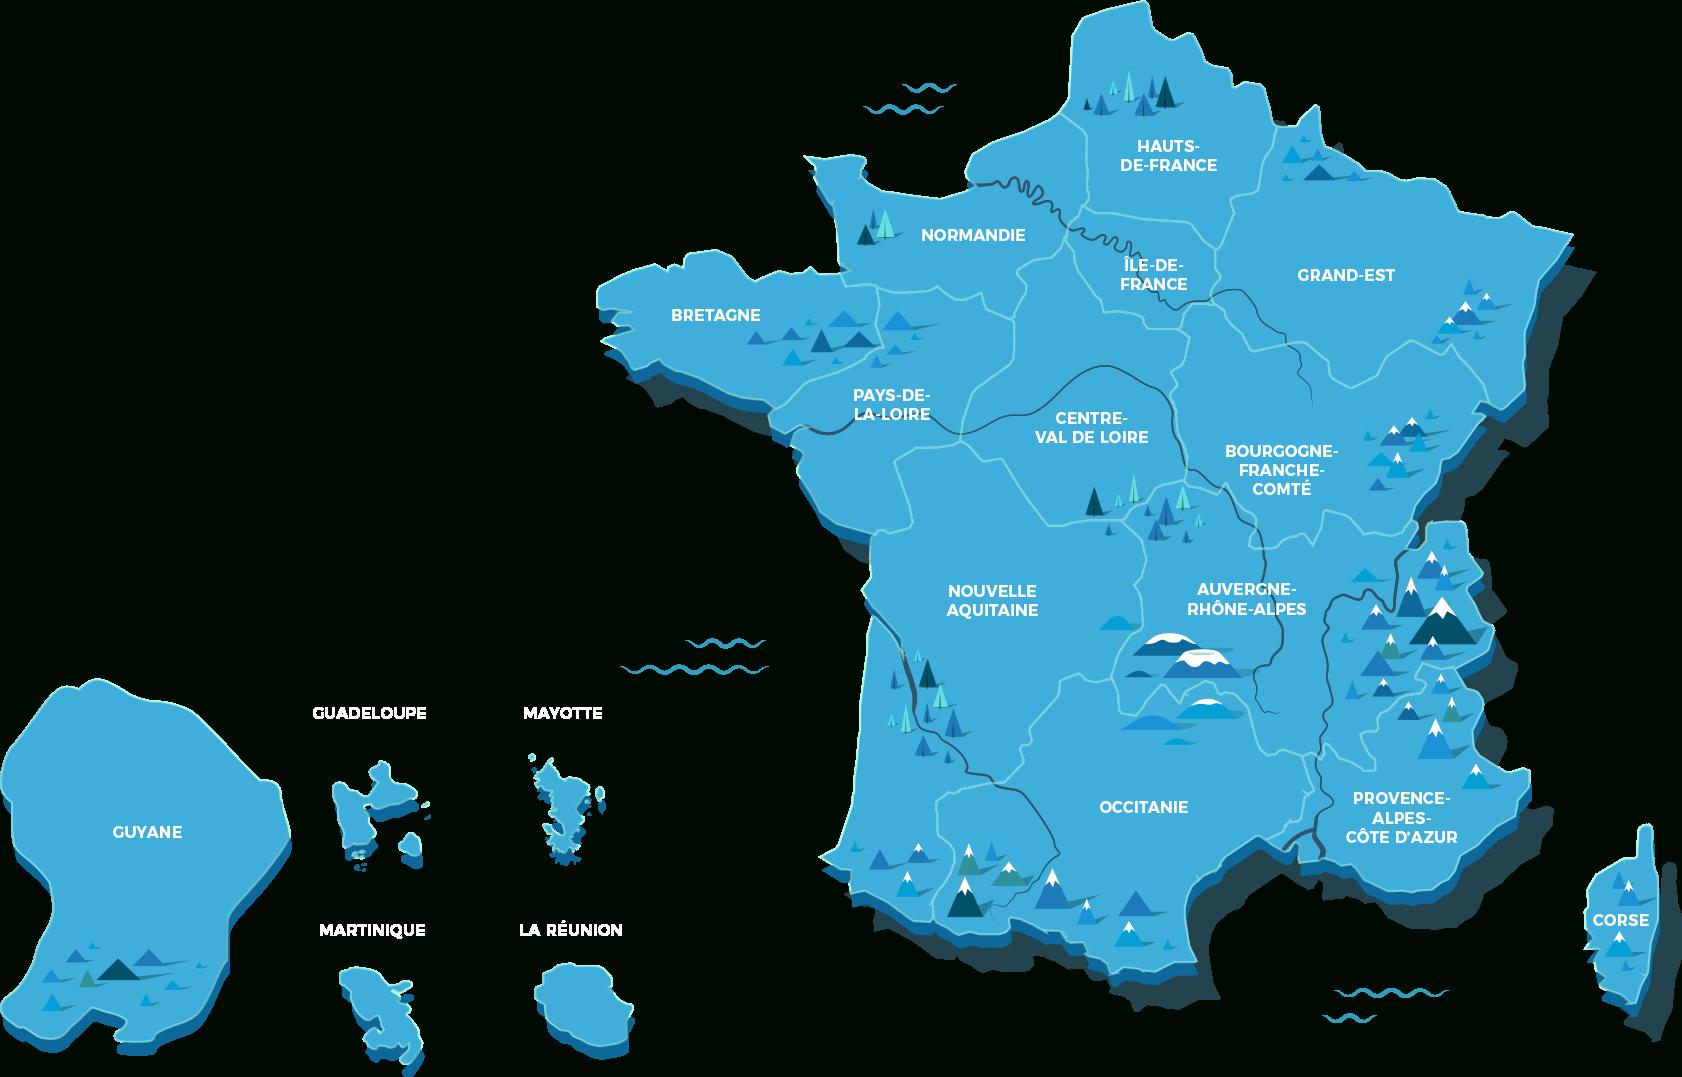 Les Régions De France - Jeu Géographie | Lumni concernant Jeu Sur Les Régions De France